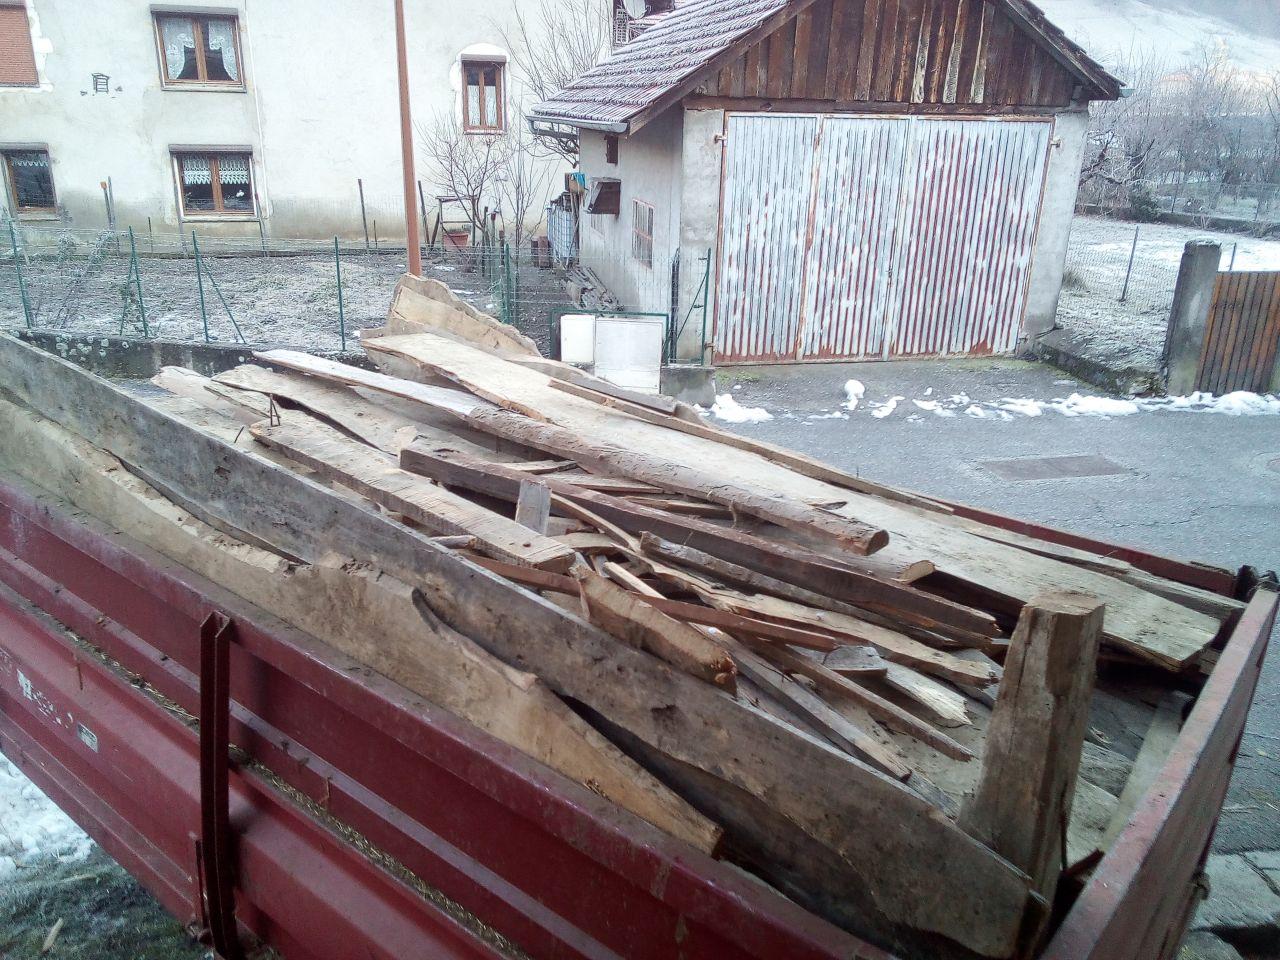 1 benne de 8m3 de vieux bardage vermoulu qui servira de bois de chauffage a ceux qui nous ont preté la benne